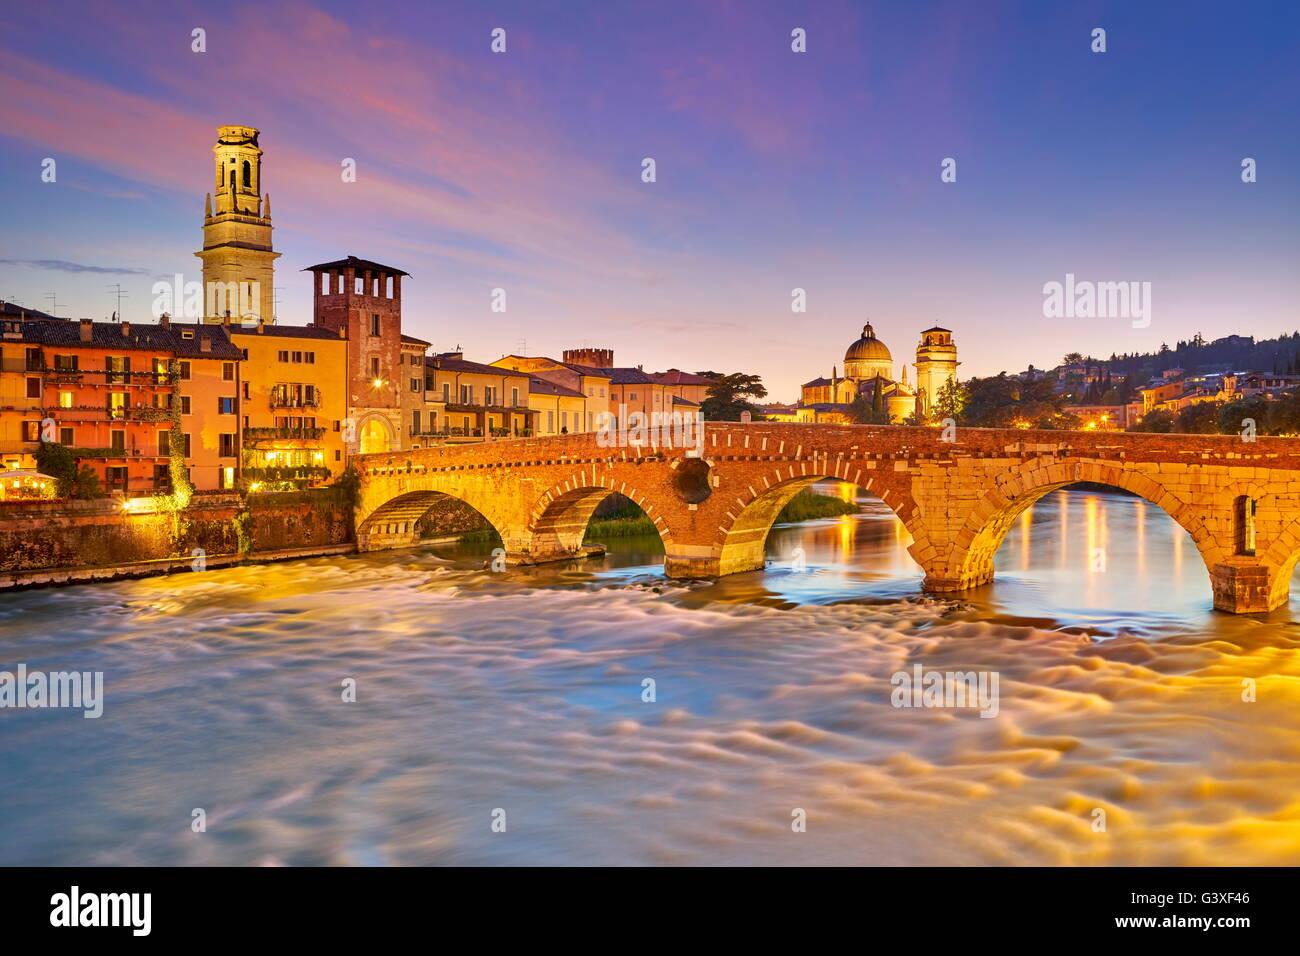 Verona - Ponte Pietra Brücke in der Abenddämmerung, Italien Stockbild